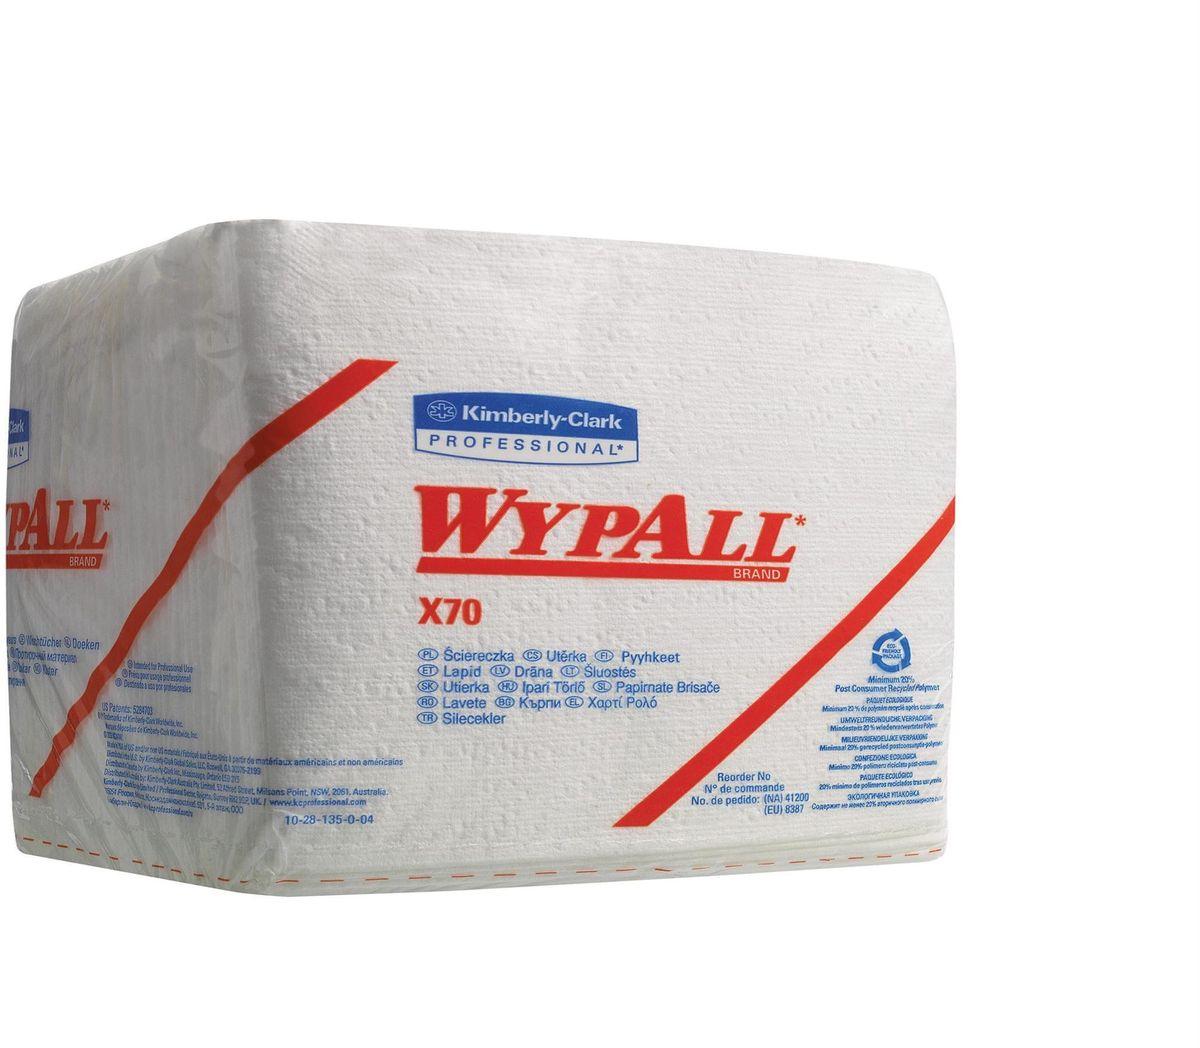 Салфетки бумажные Wypall Х70, 152 штS28 DCБумажные салфетки Wypall Х70 обладают отличной впитывающей способностью, долговечностью и прочностью, как в сухом, так и во влажном состоянии. Подходят для работы по очистке от клея, масла, мусора, стекол, а также для прецизионной очистки сложных механизмов и деталей. Салфетки Wypall Х70 могут использоваться с переносными или стационарными диспенсерами для контроля расхода продукта и уменьшения объема отходов.